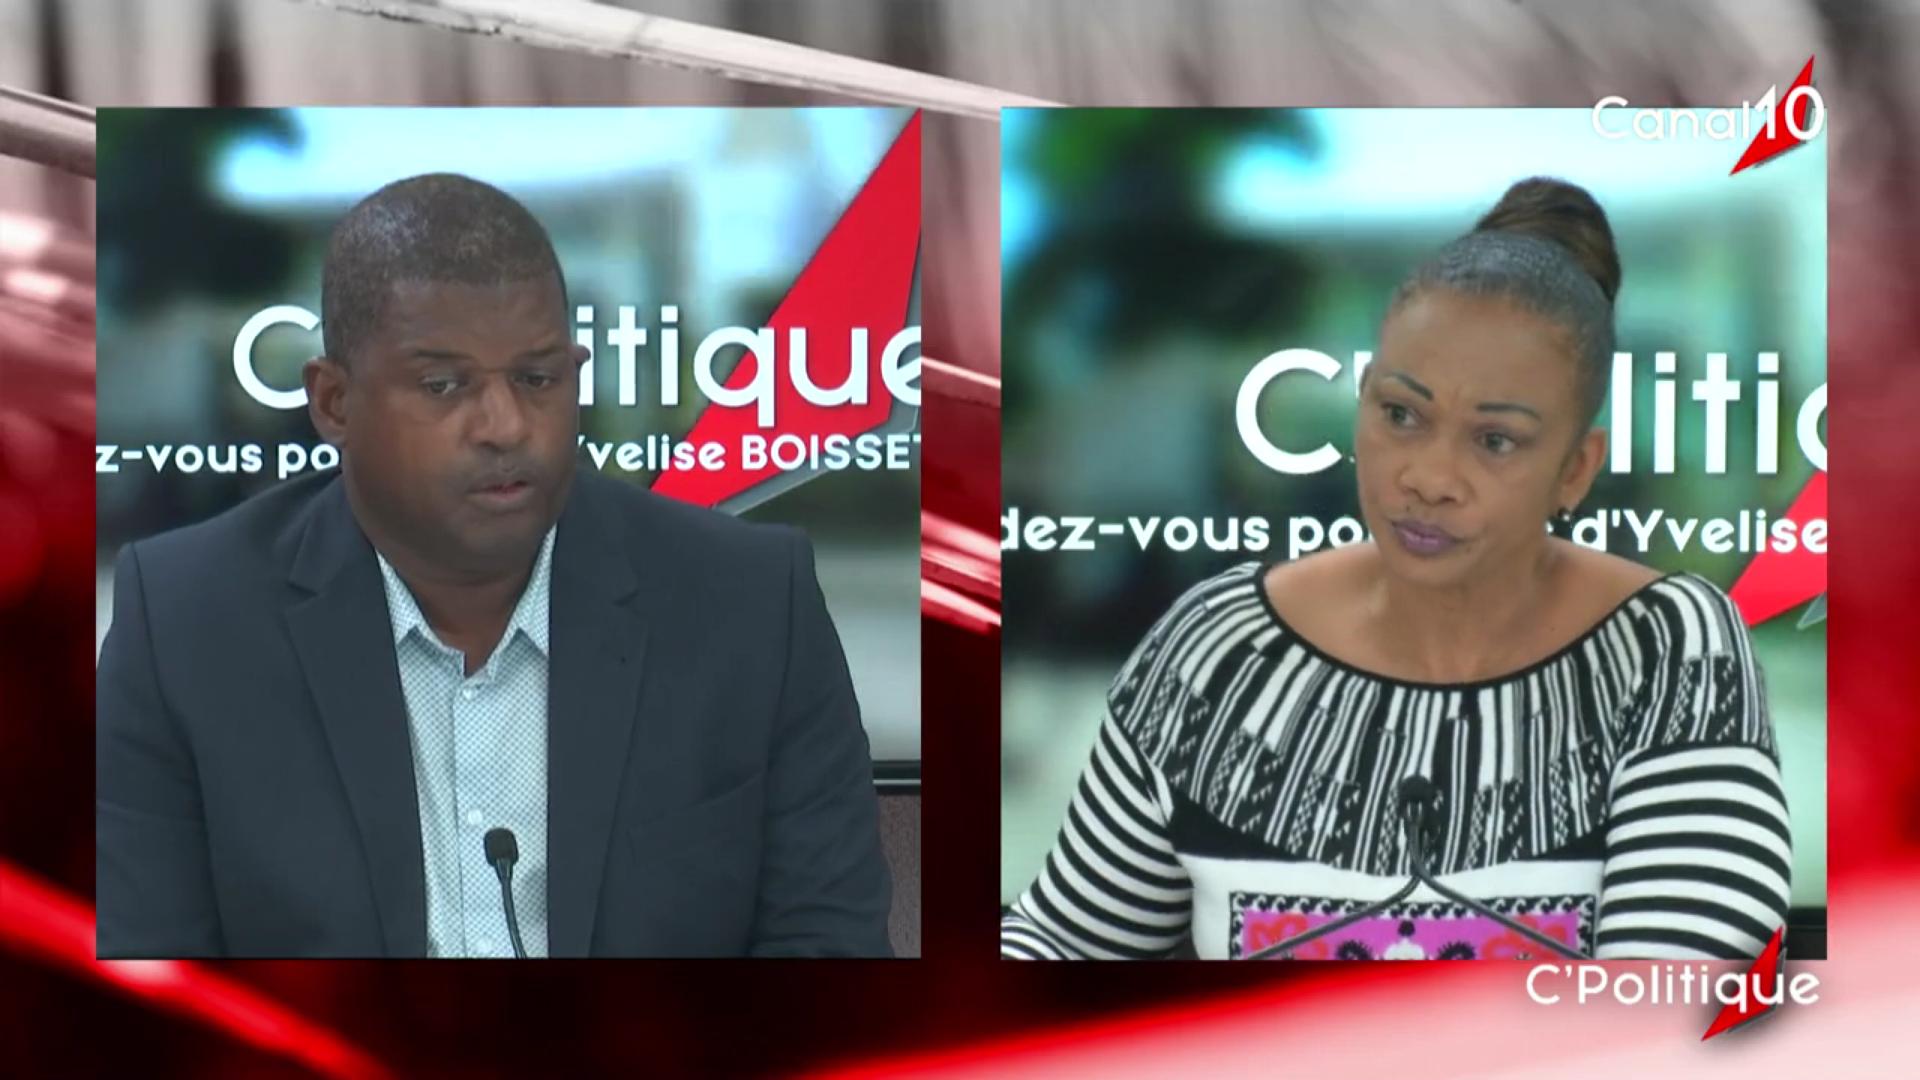 [Vidéo] Onews Guadeloupe. Guy LOSBAR Invité de C politique avec Yvelise BOISSET